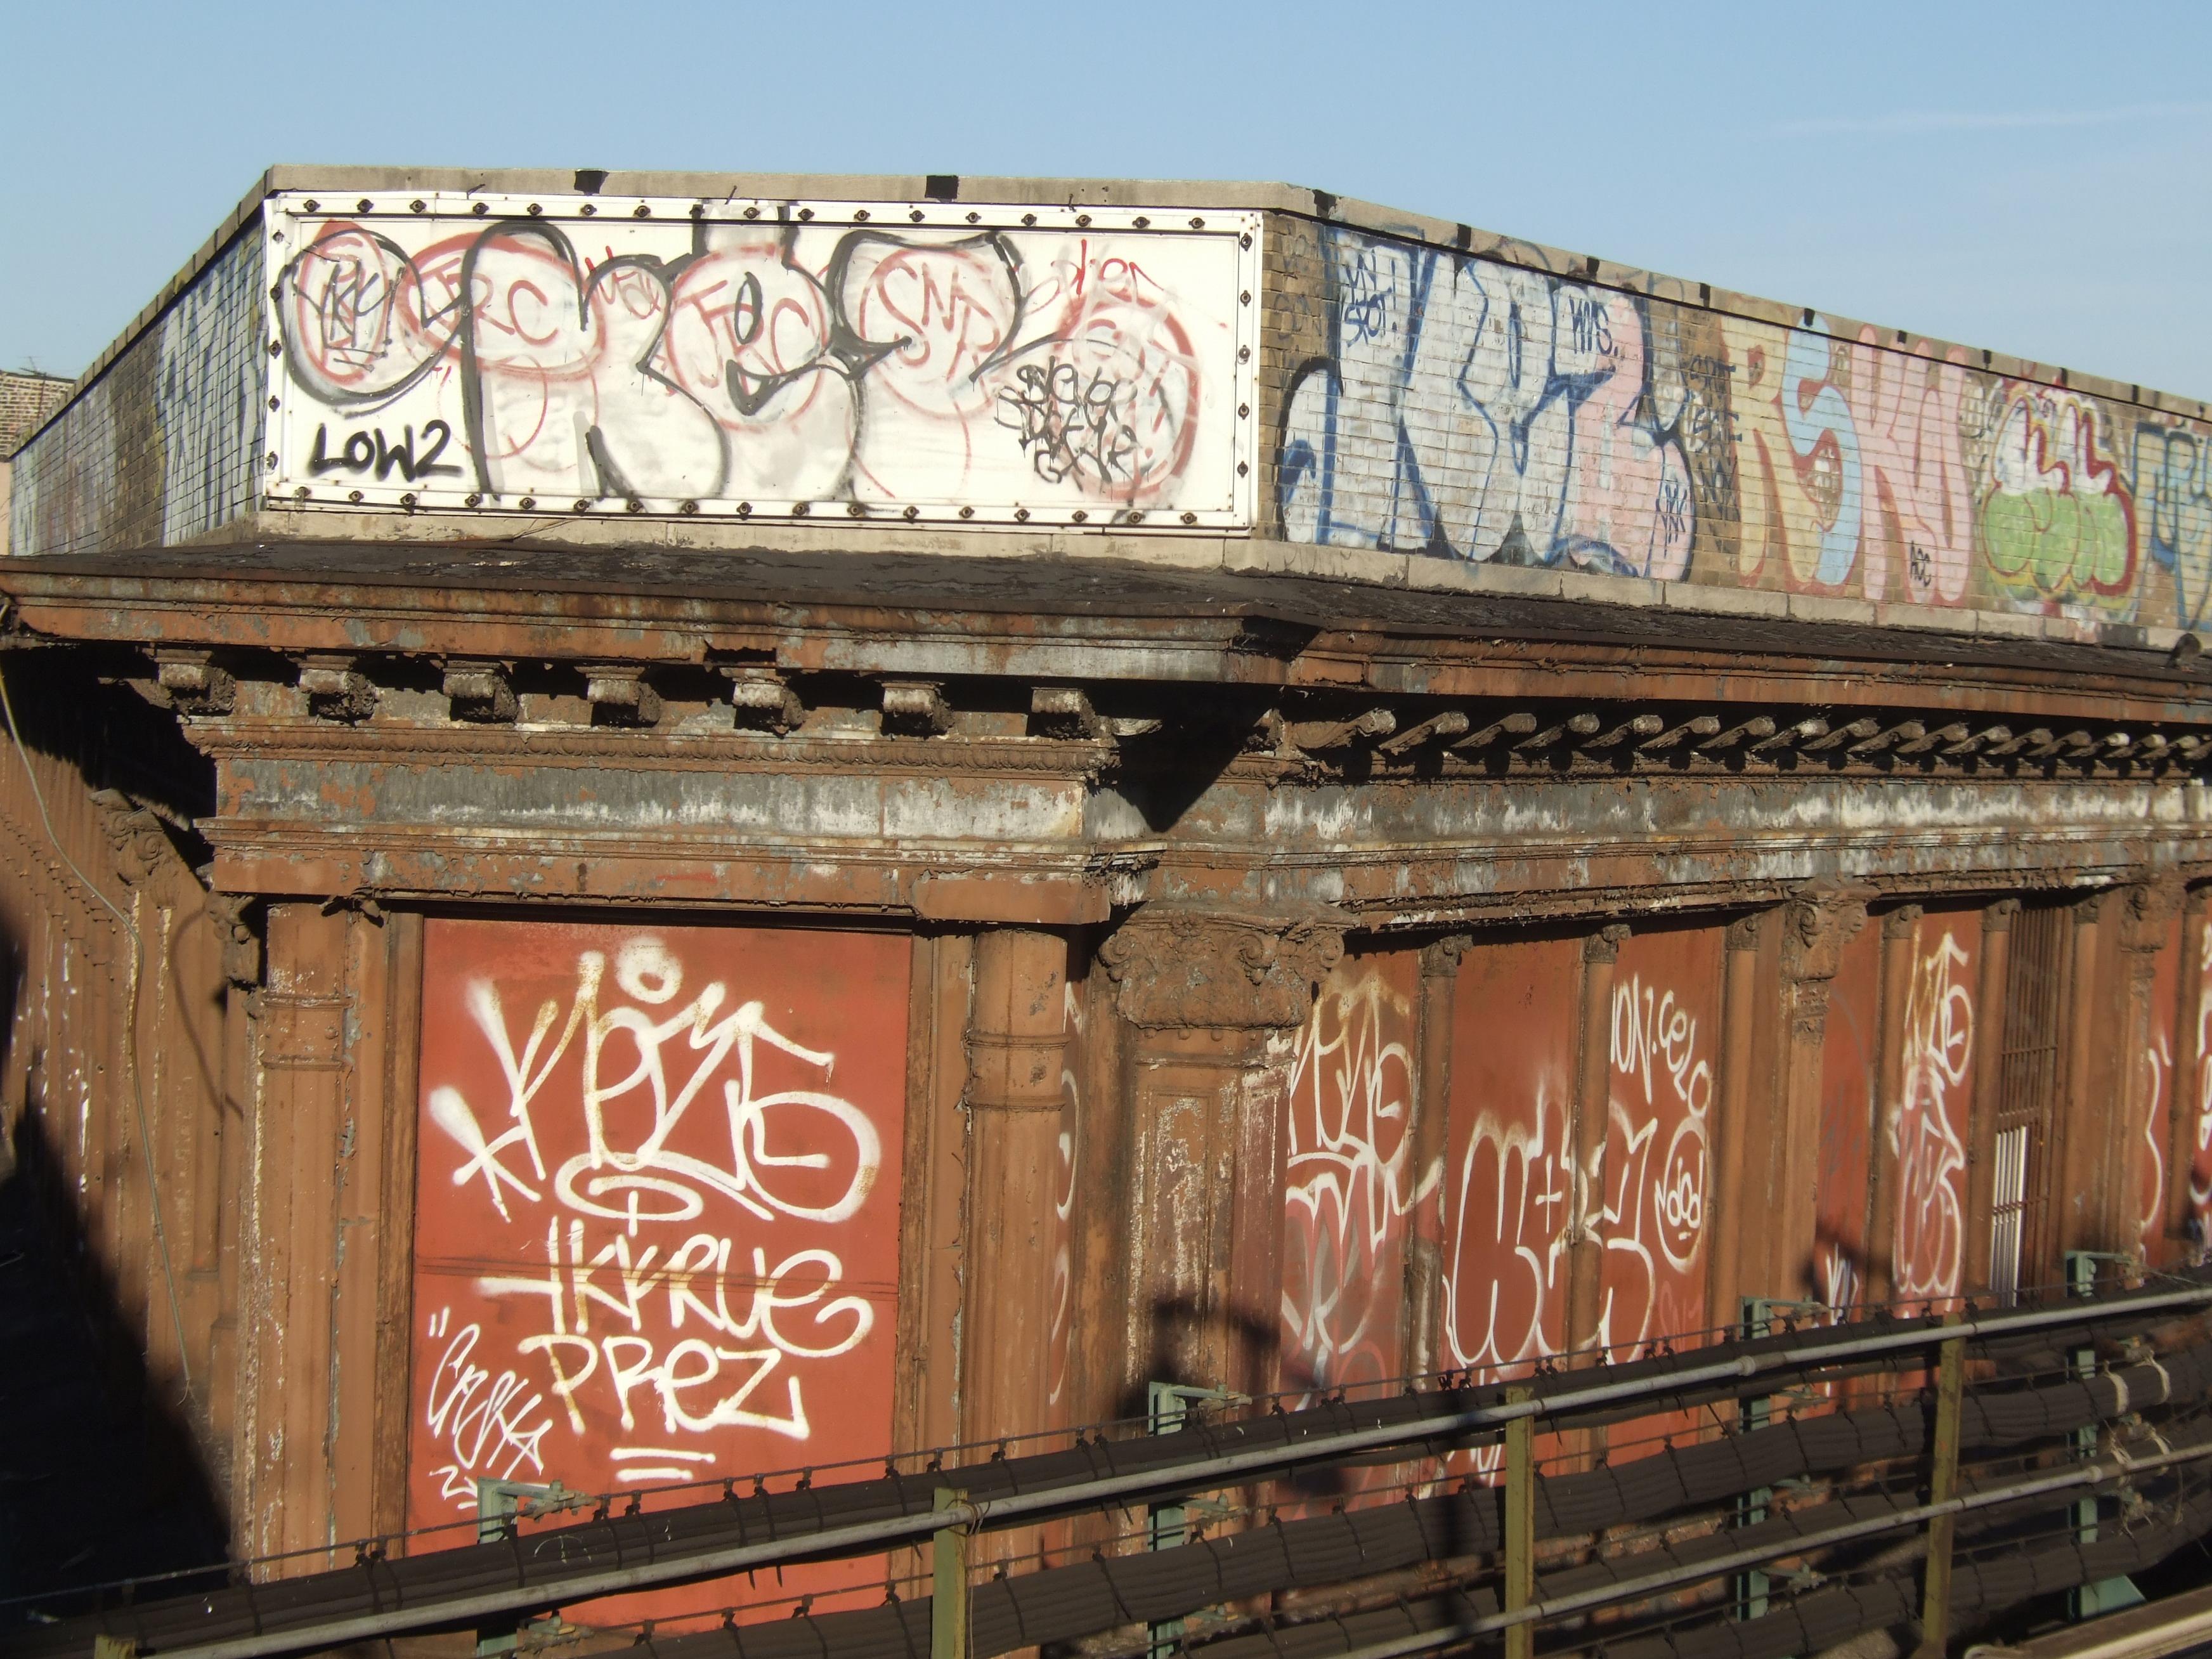 Fond d'écran : bâtiment, train, graffiti, métro, paix, du